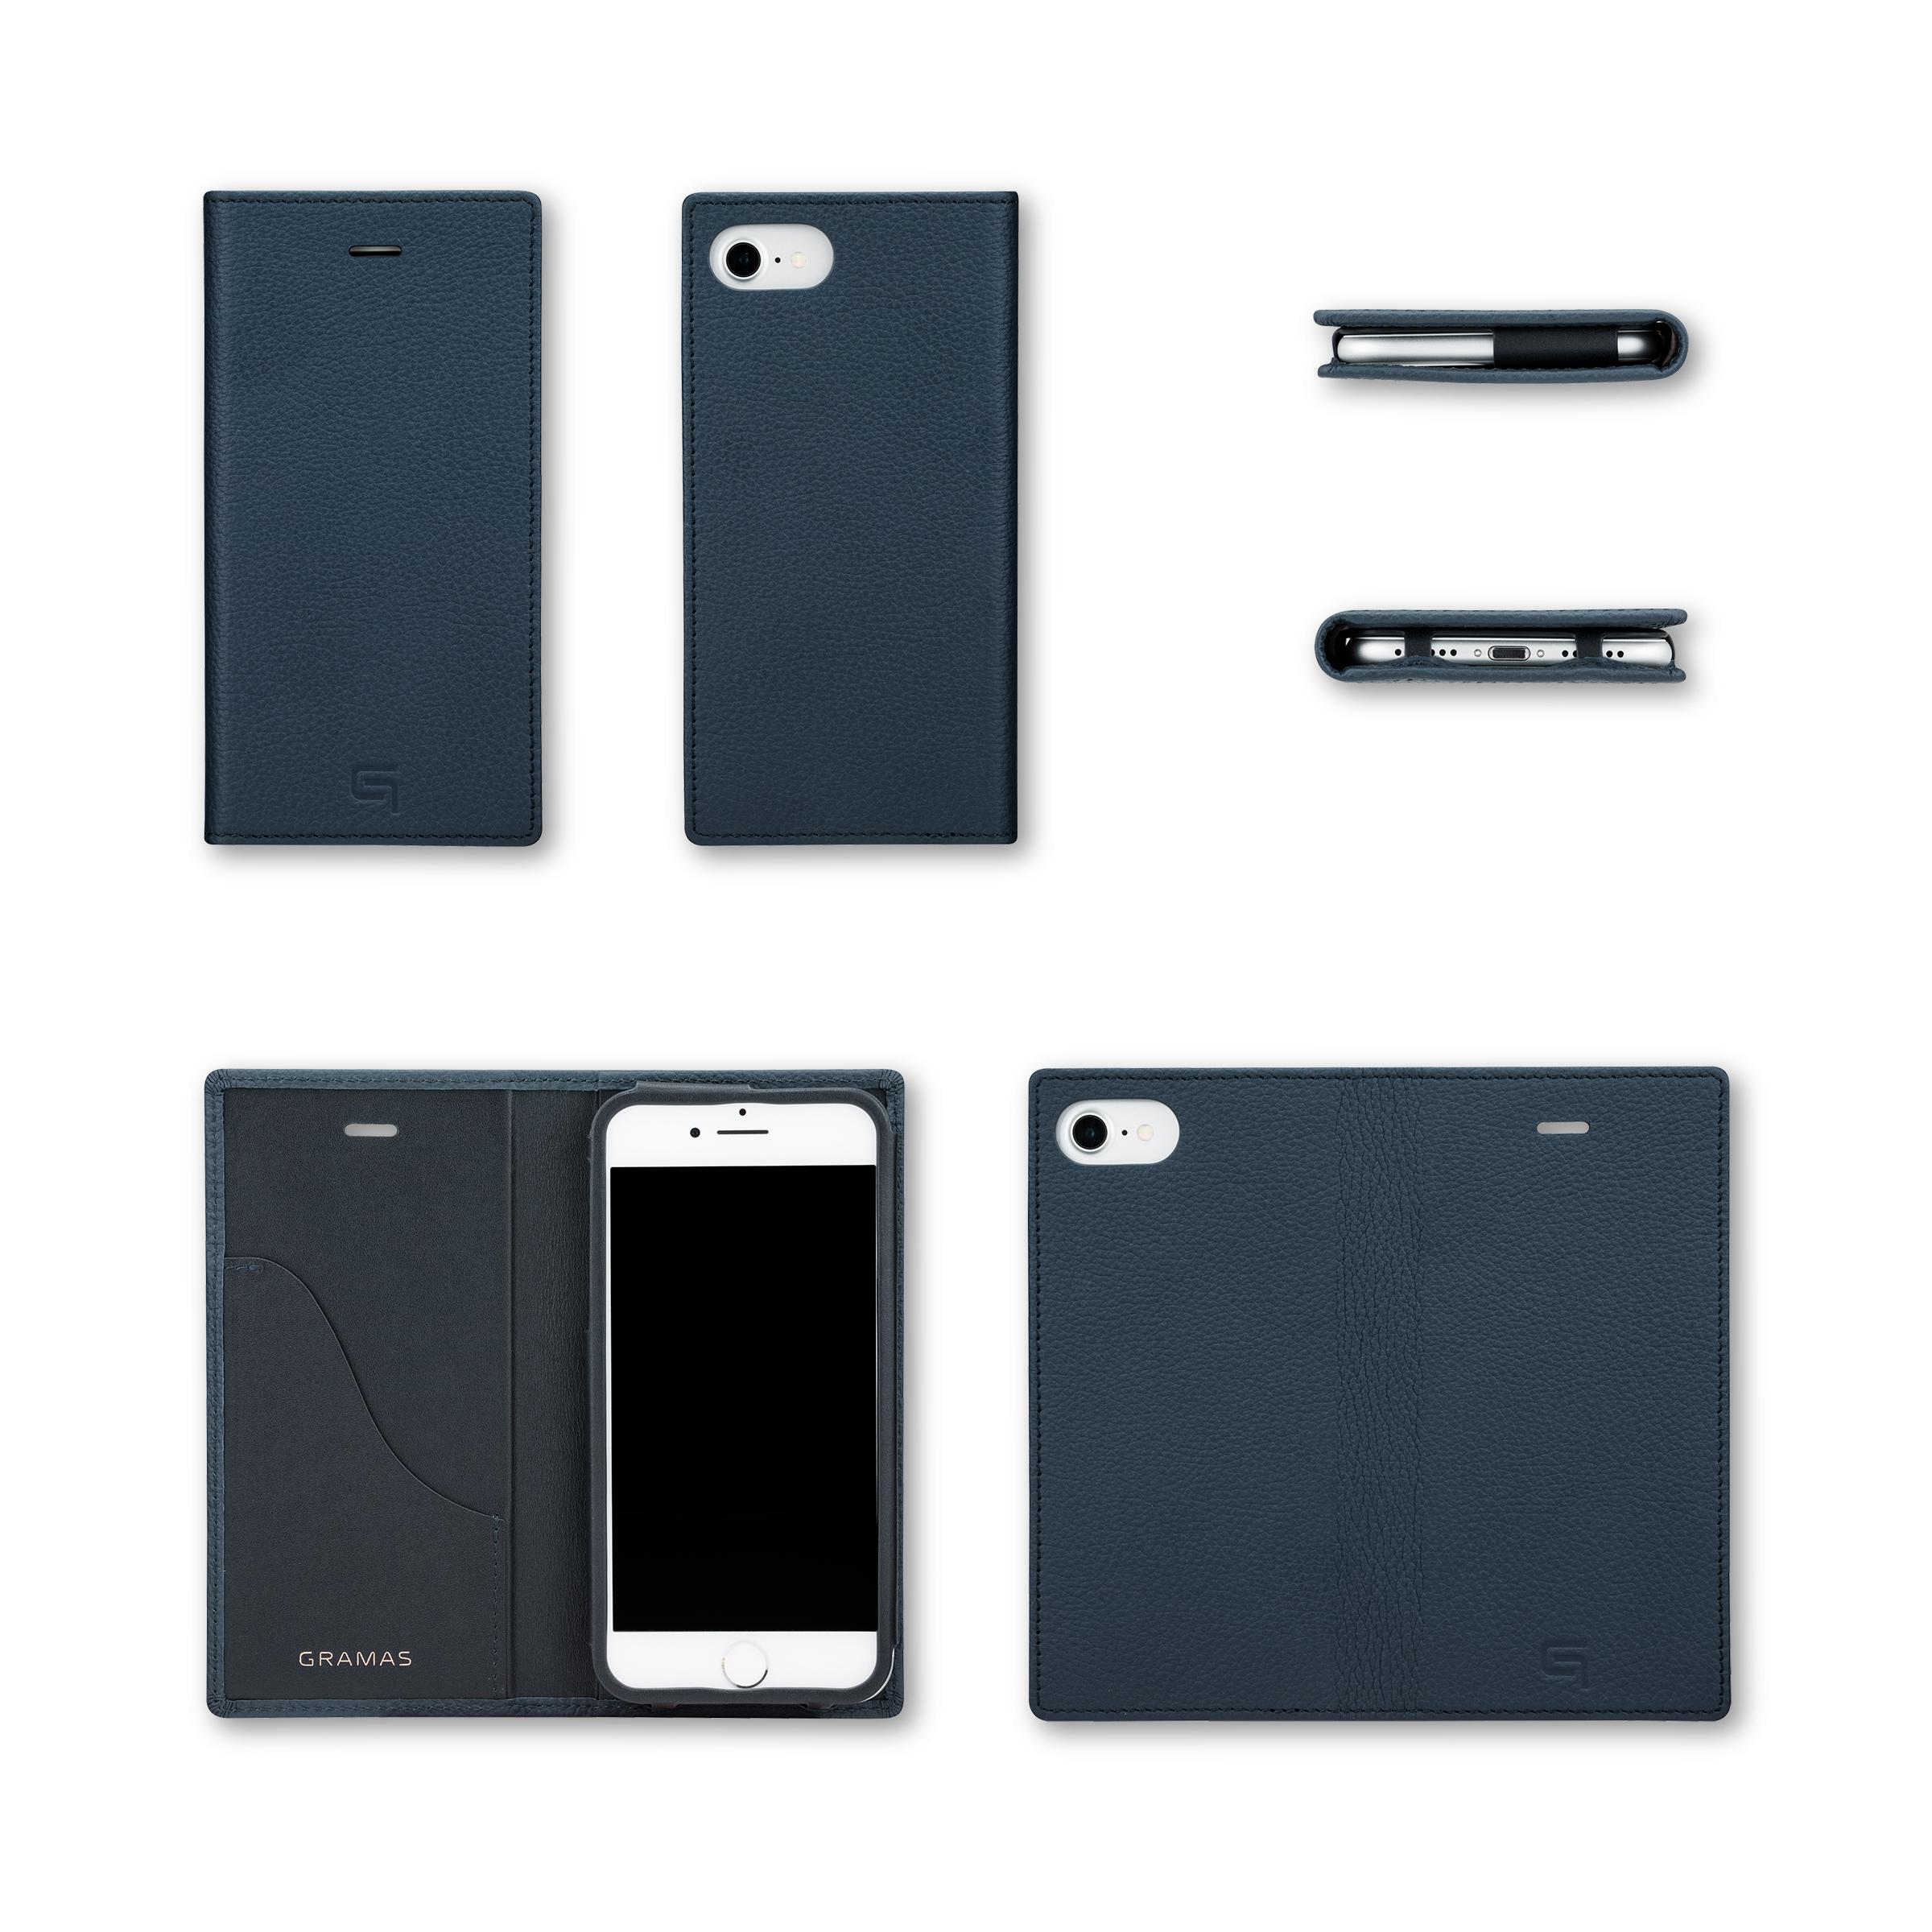 GRAMAS Shrunken-calf Full Leather Case for iPhone 7(Navy) シュランケンカーフ 手帳型フルレザーケース GLC646NV - 画像5